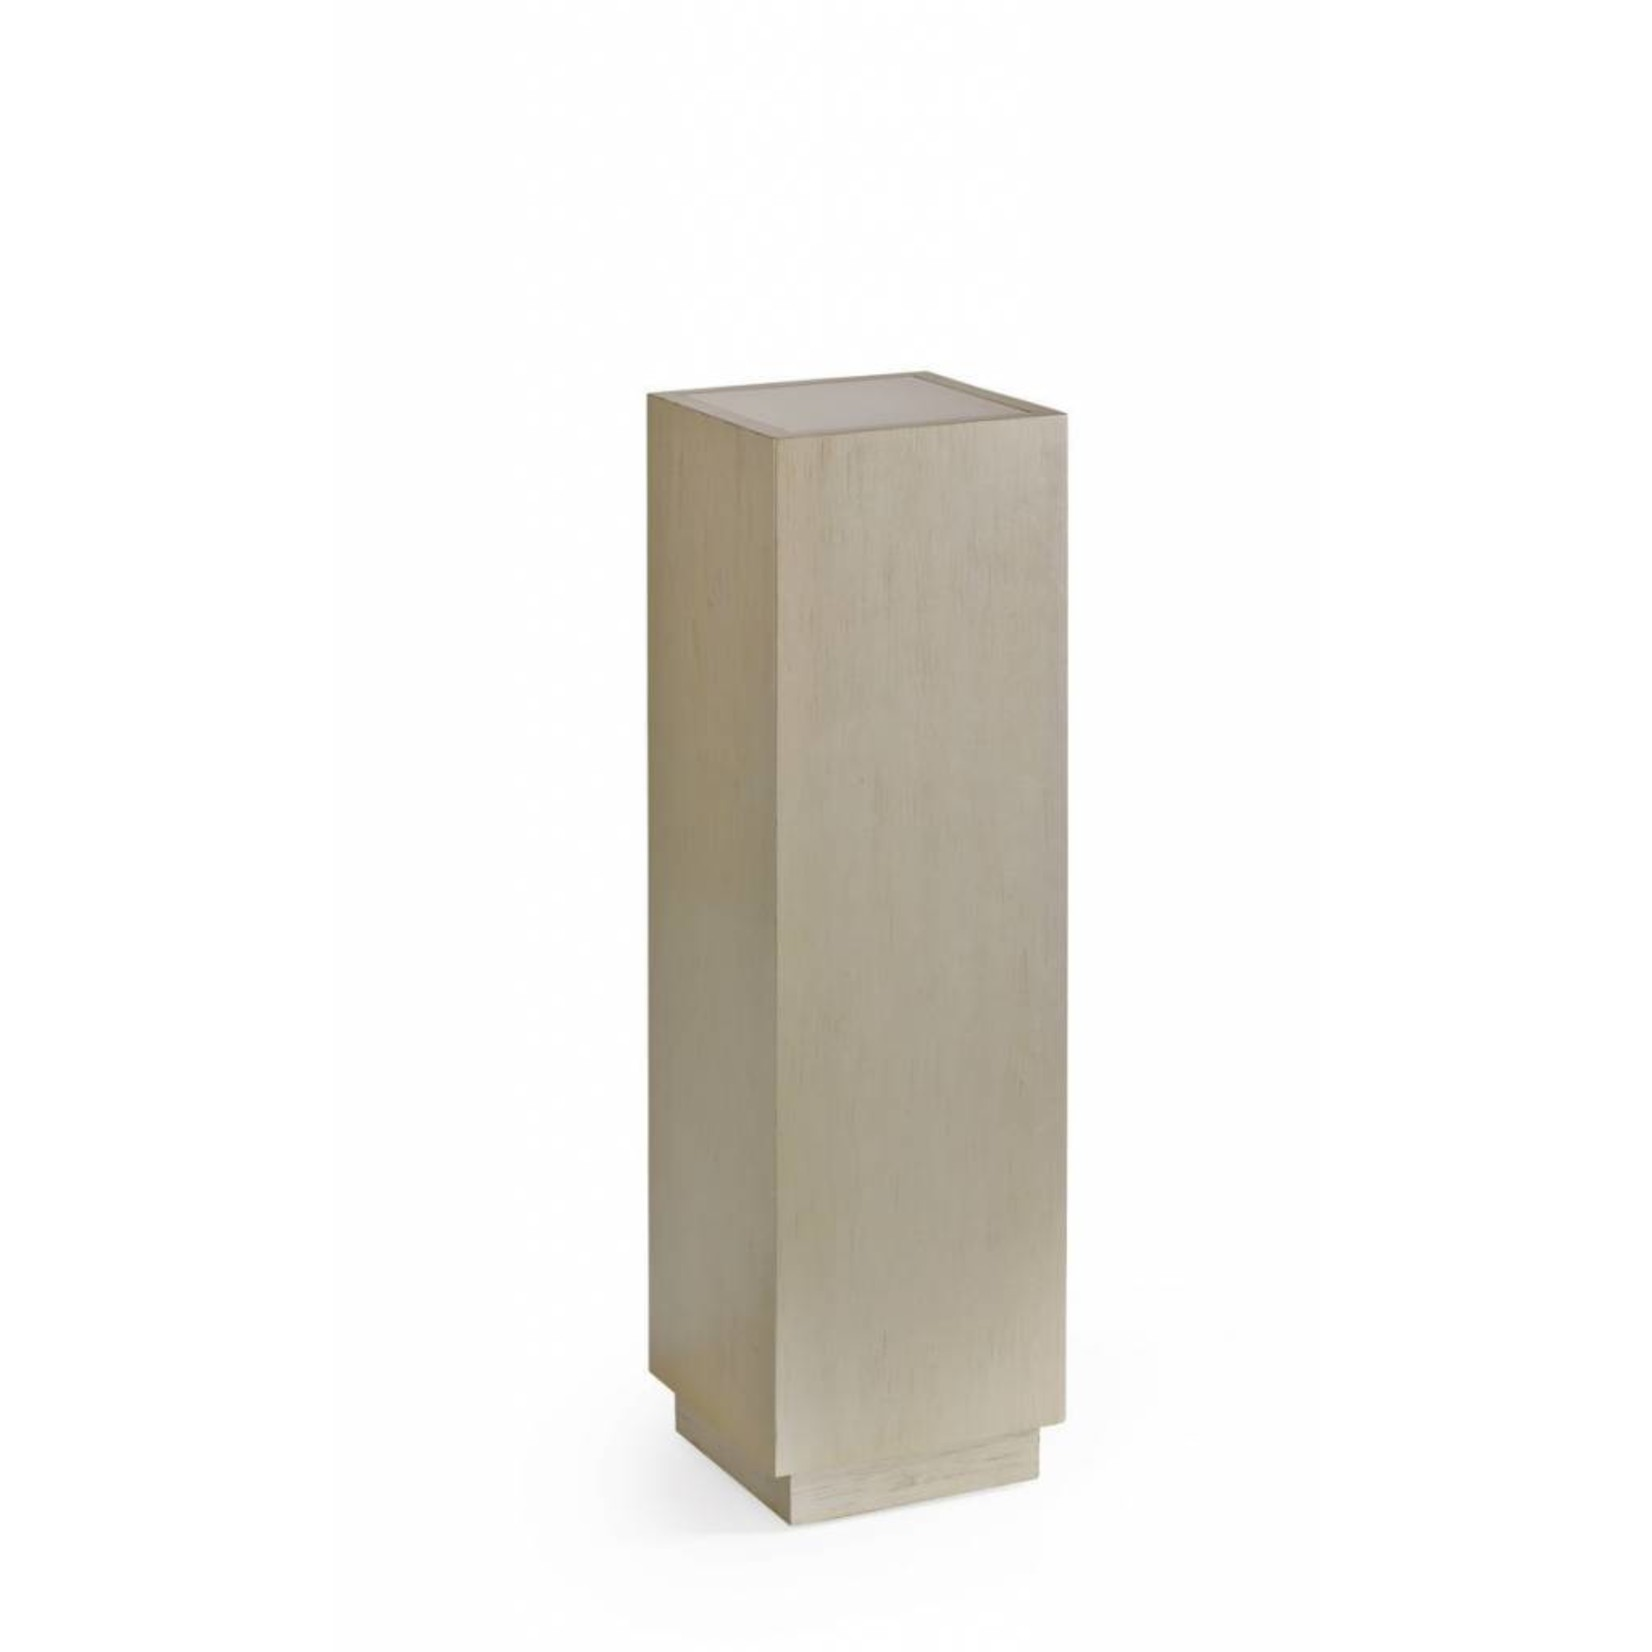 Up On A Pedestal